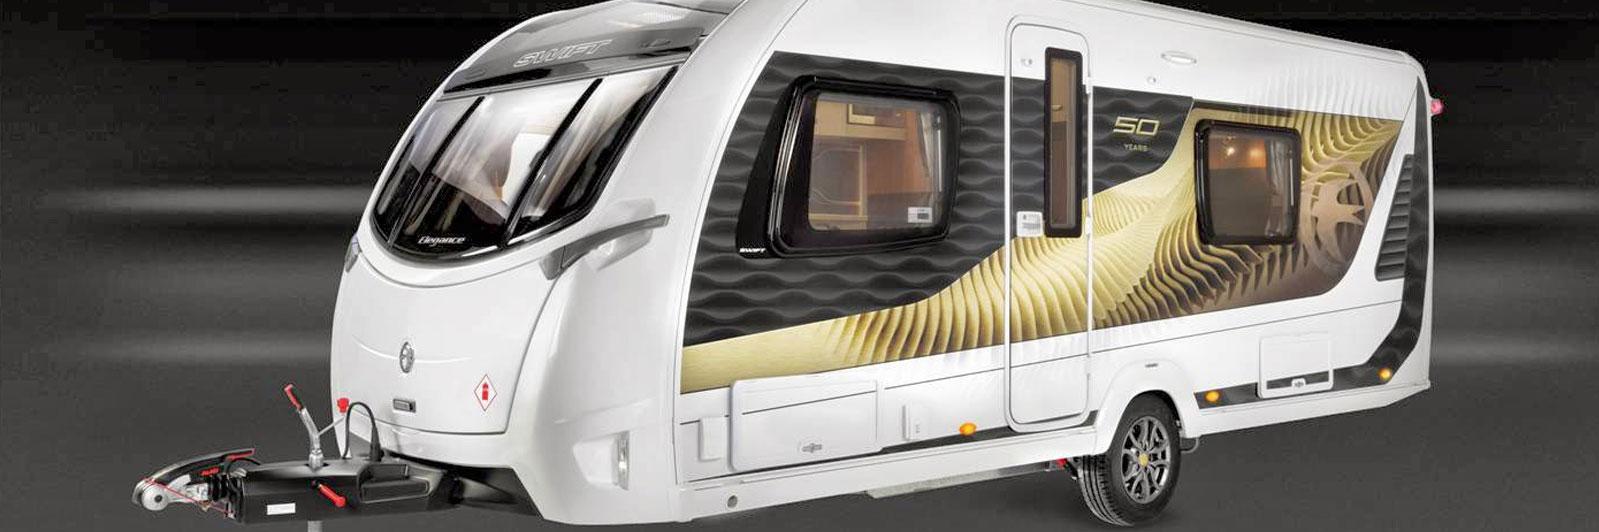 Golden-Caravan-1